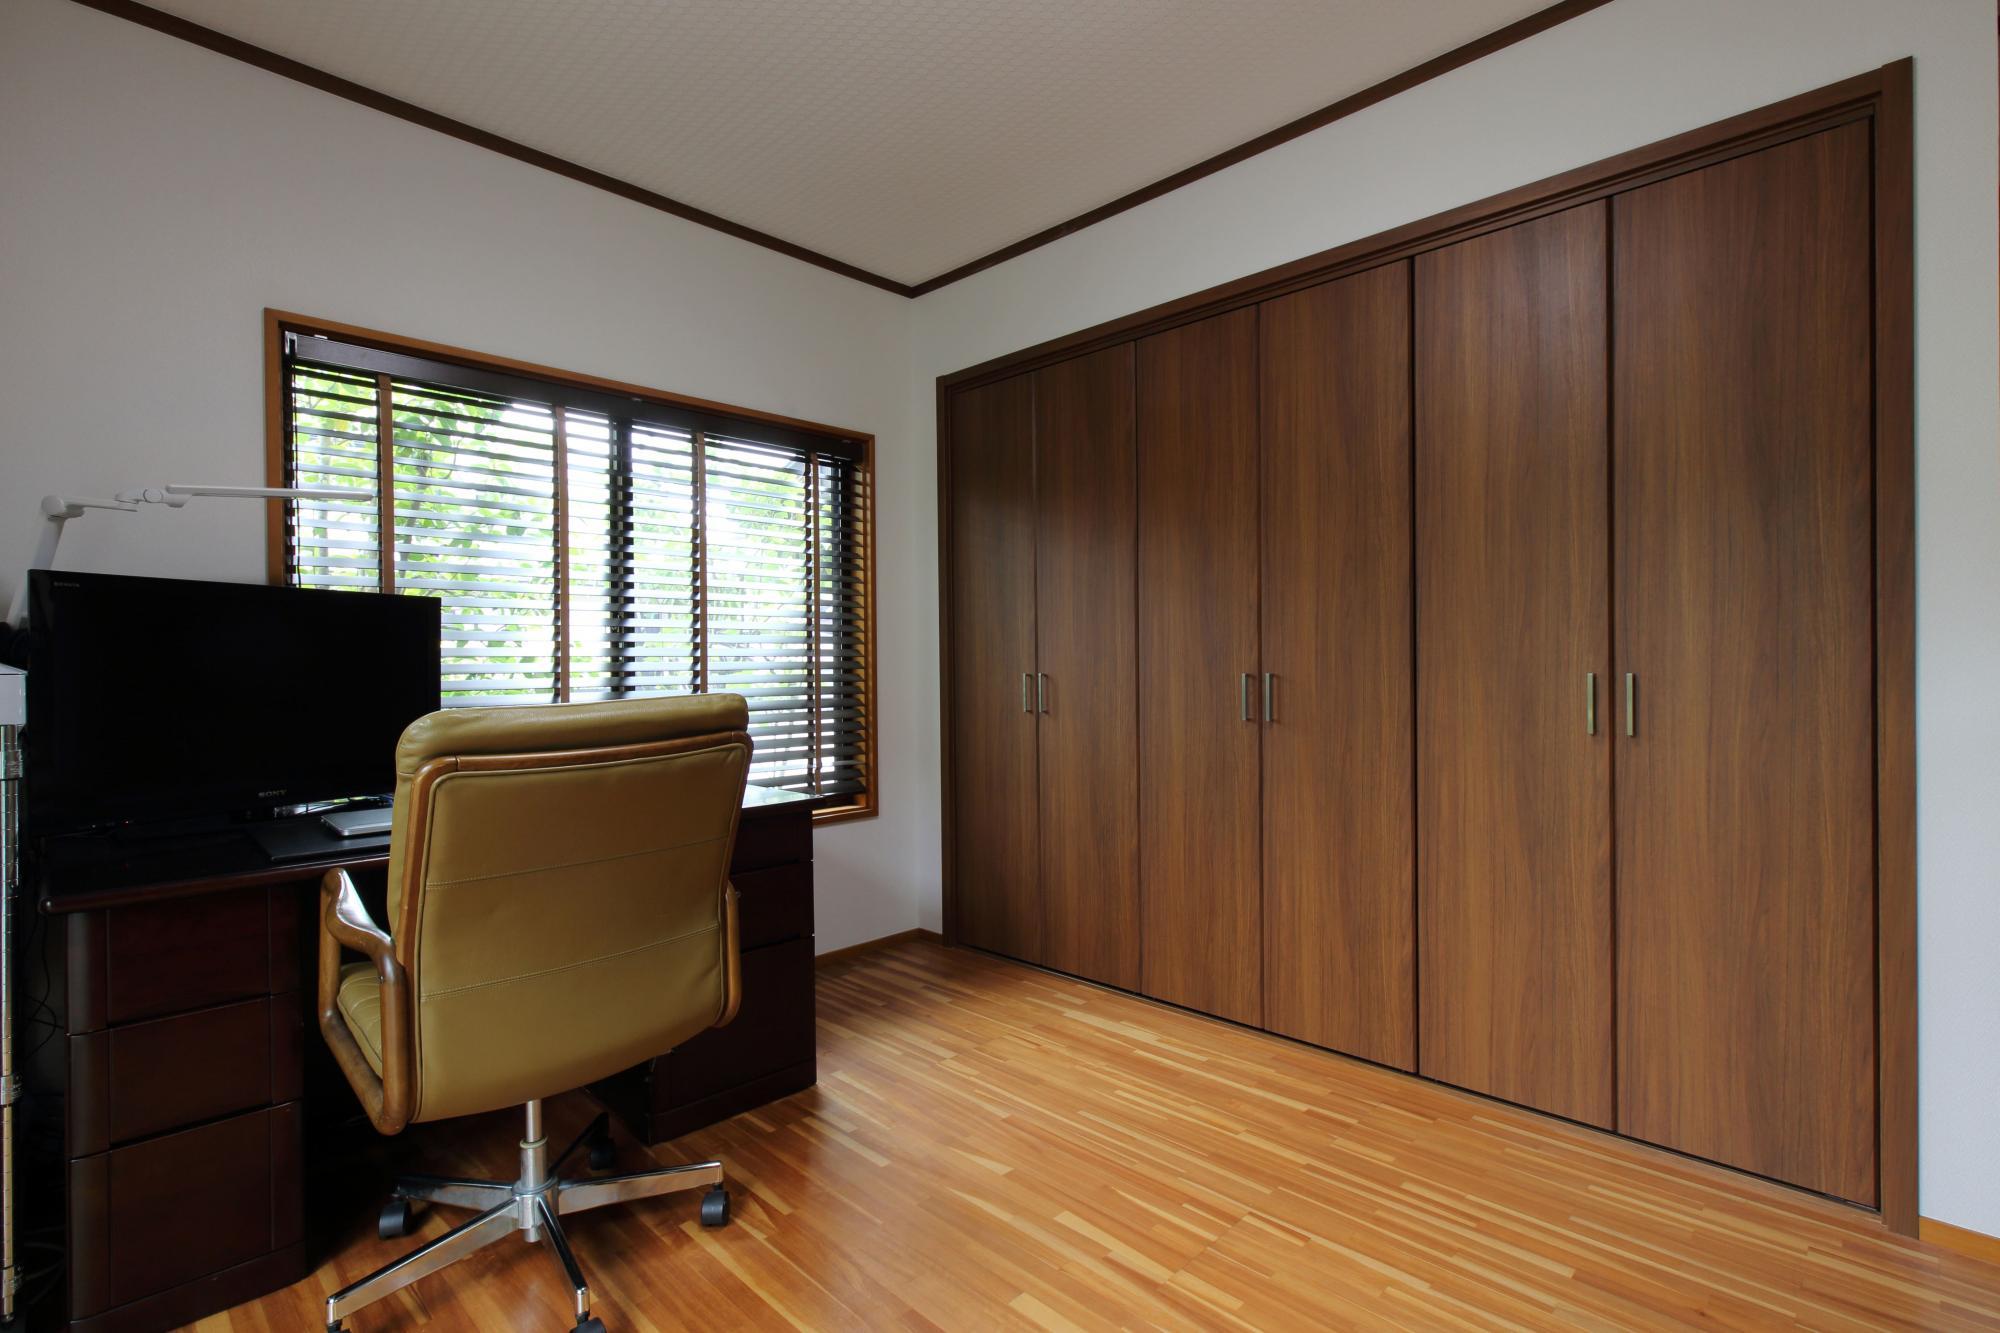 南向きの明るい応接室を書斎に変更。大容量で使いやすい壁面収納を設置した